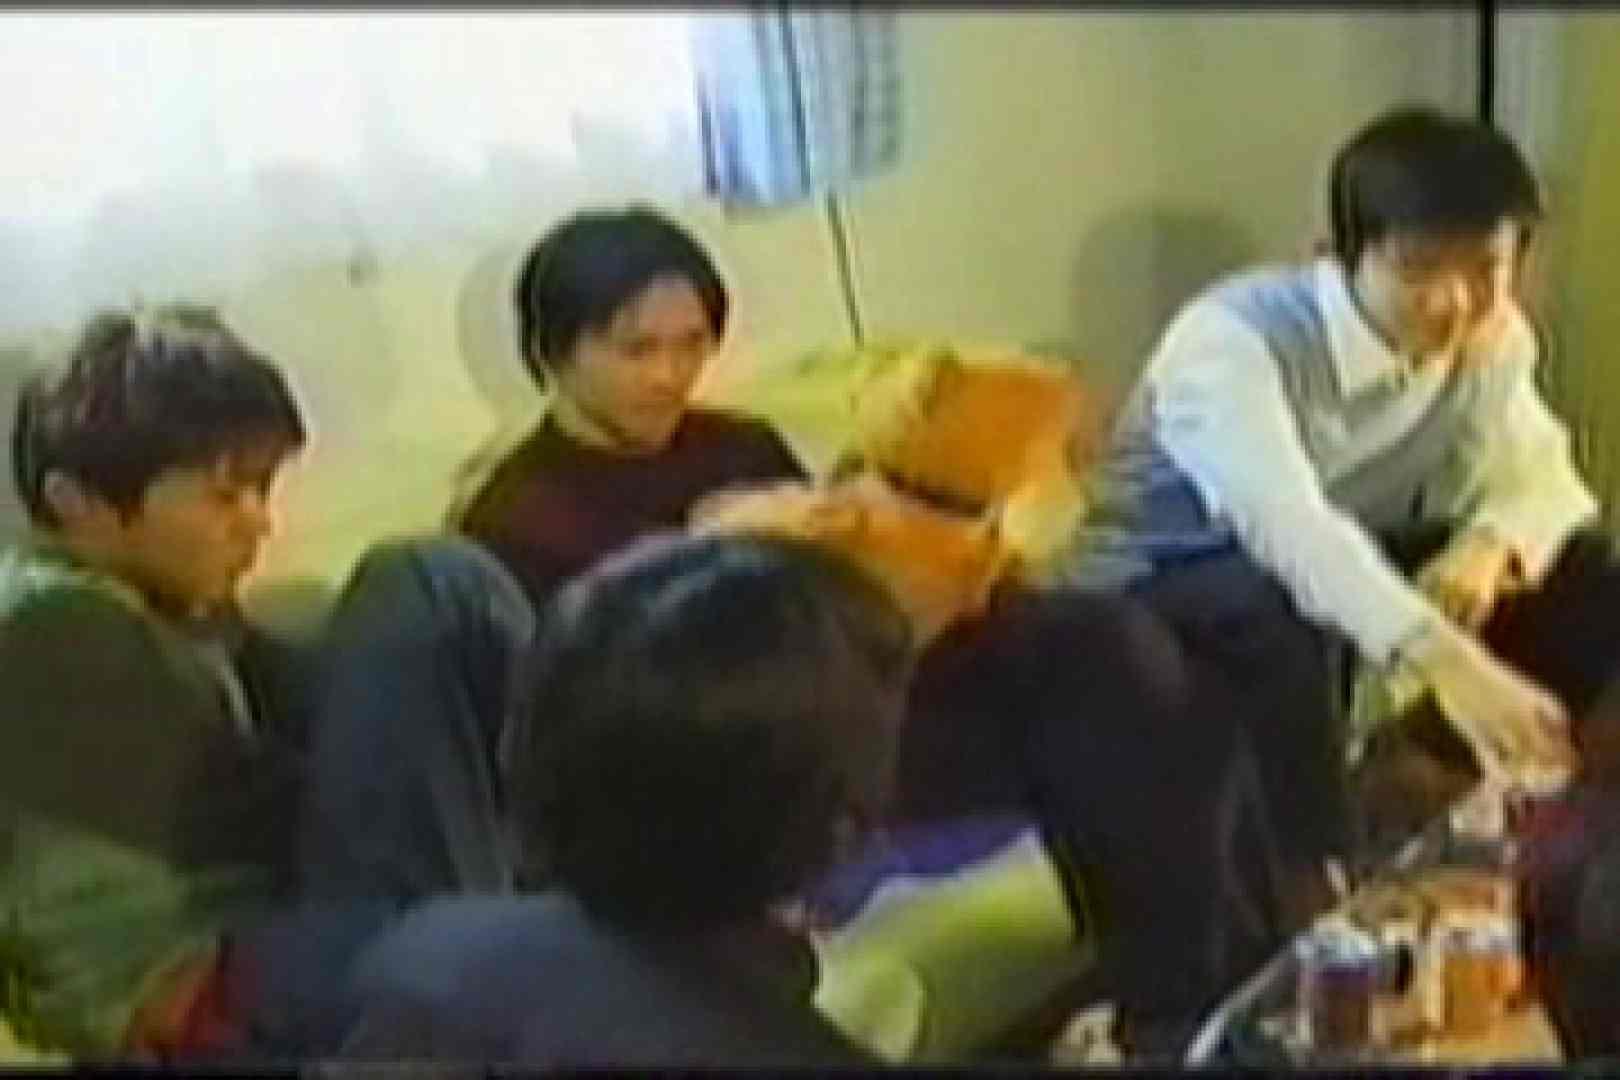 【流出】若者たちの集い 手コキ AV動画 89枚 59